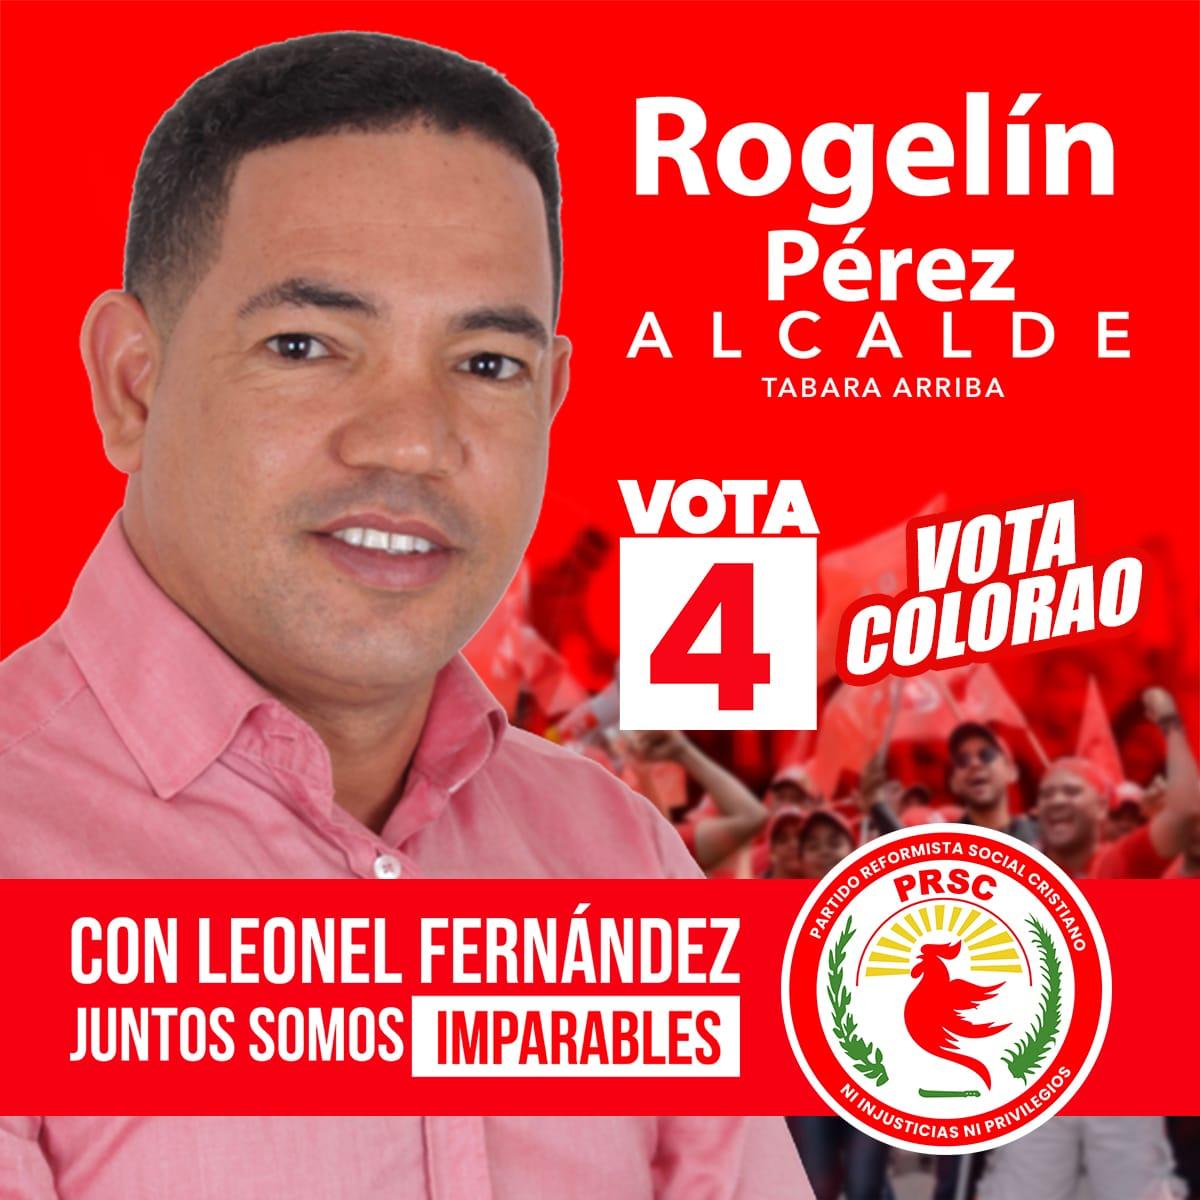 El renovado @partidoprsc y su presidente @quiqueantun junto al candidato presidencial @leonelfernandez y todos los aliados presentan al candidato a la alcaldía de Tabara Arriba, Rogelín Pérez ¡VOTA COLORAO! ¡A paso de vencedores! #JuntosSomosImparables #BastaYa #Vota4pic.twitter.com/2OmMG9HDfv